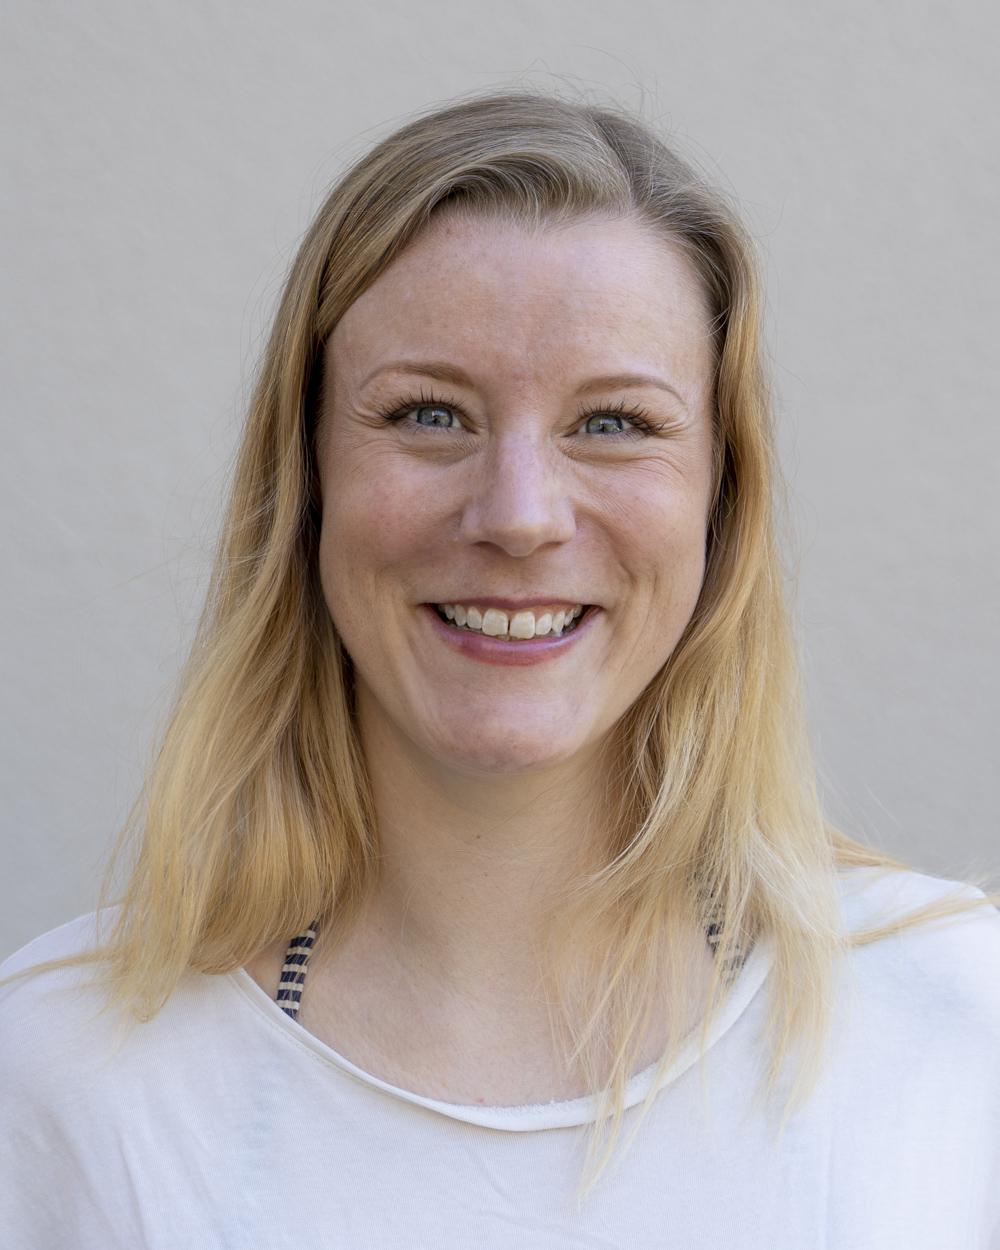 Janni Søhus